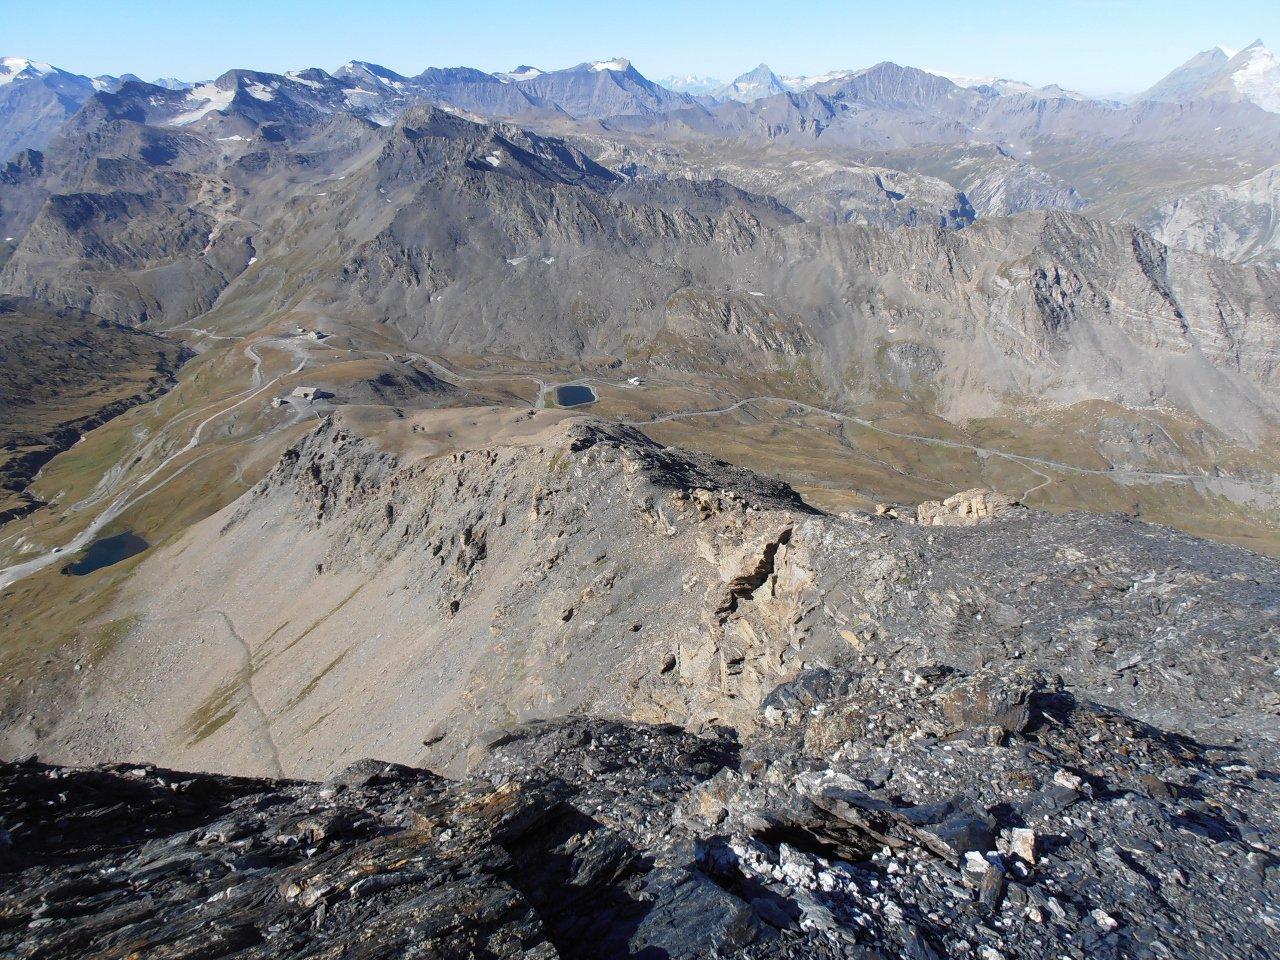 04 - la cresta dalla cima verso il Colle dell'Iseran